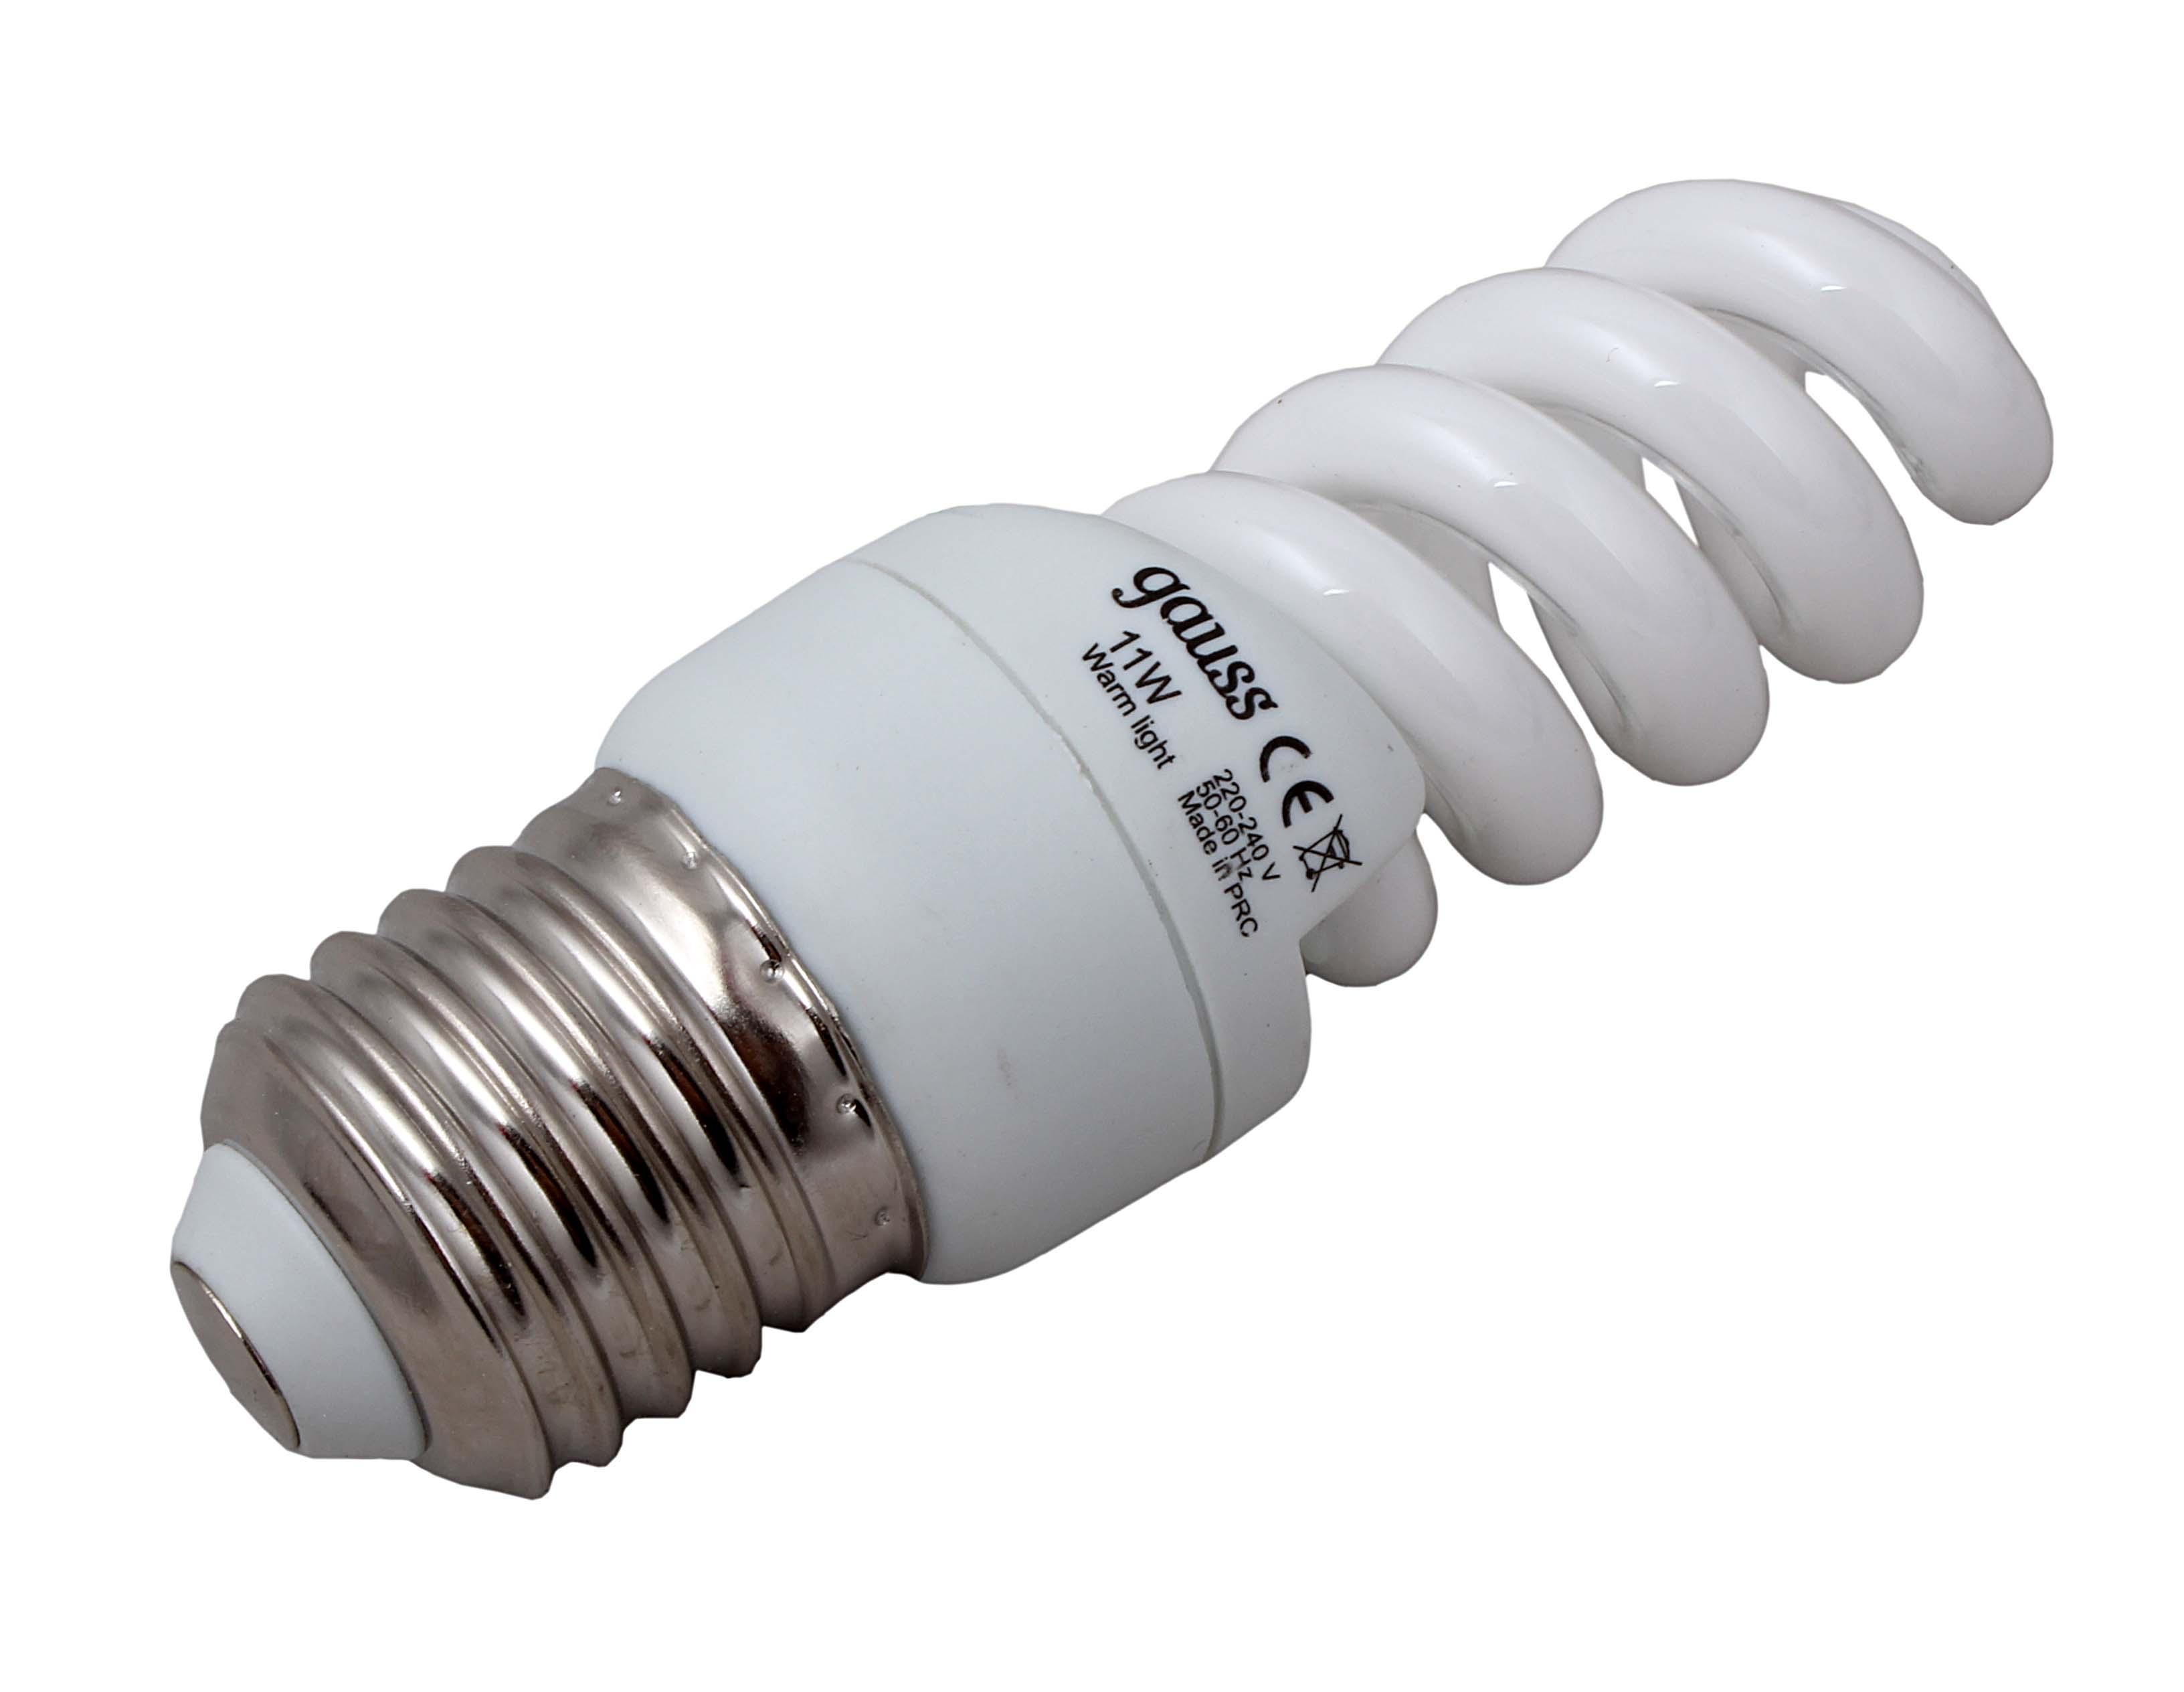 Лампочки энергосберегающие Gauss Real Brand Technics 113.000